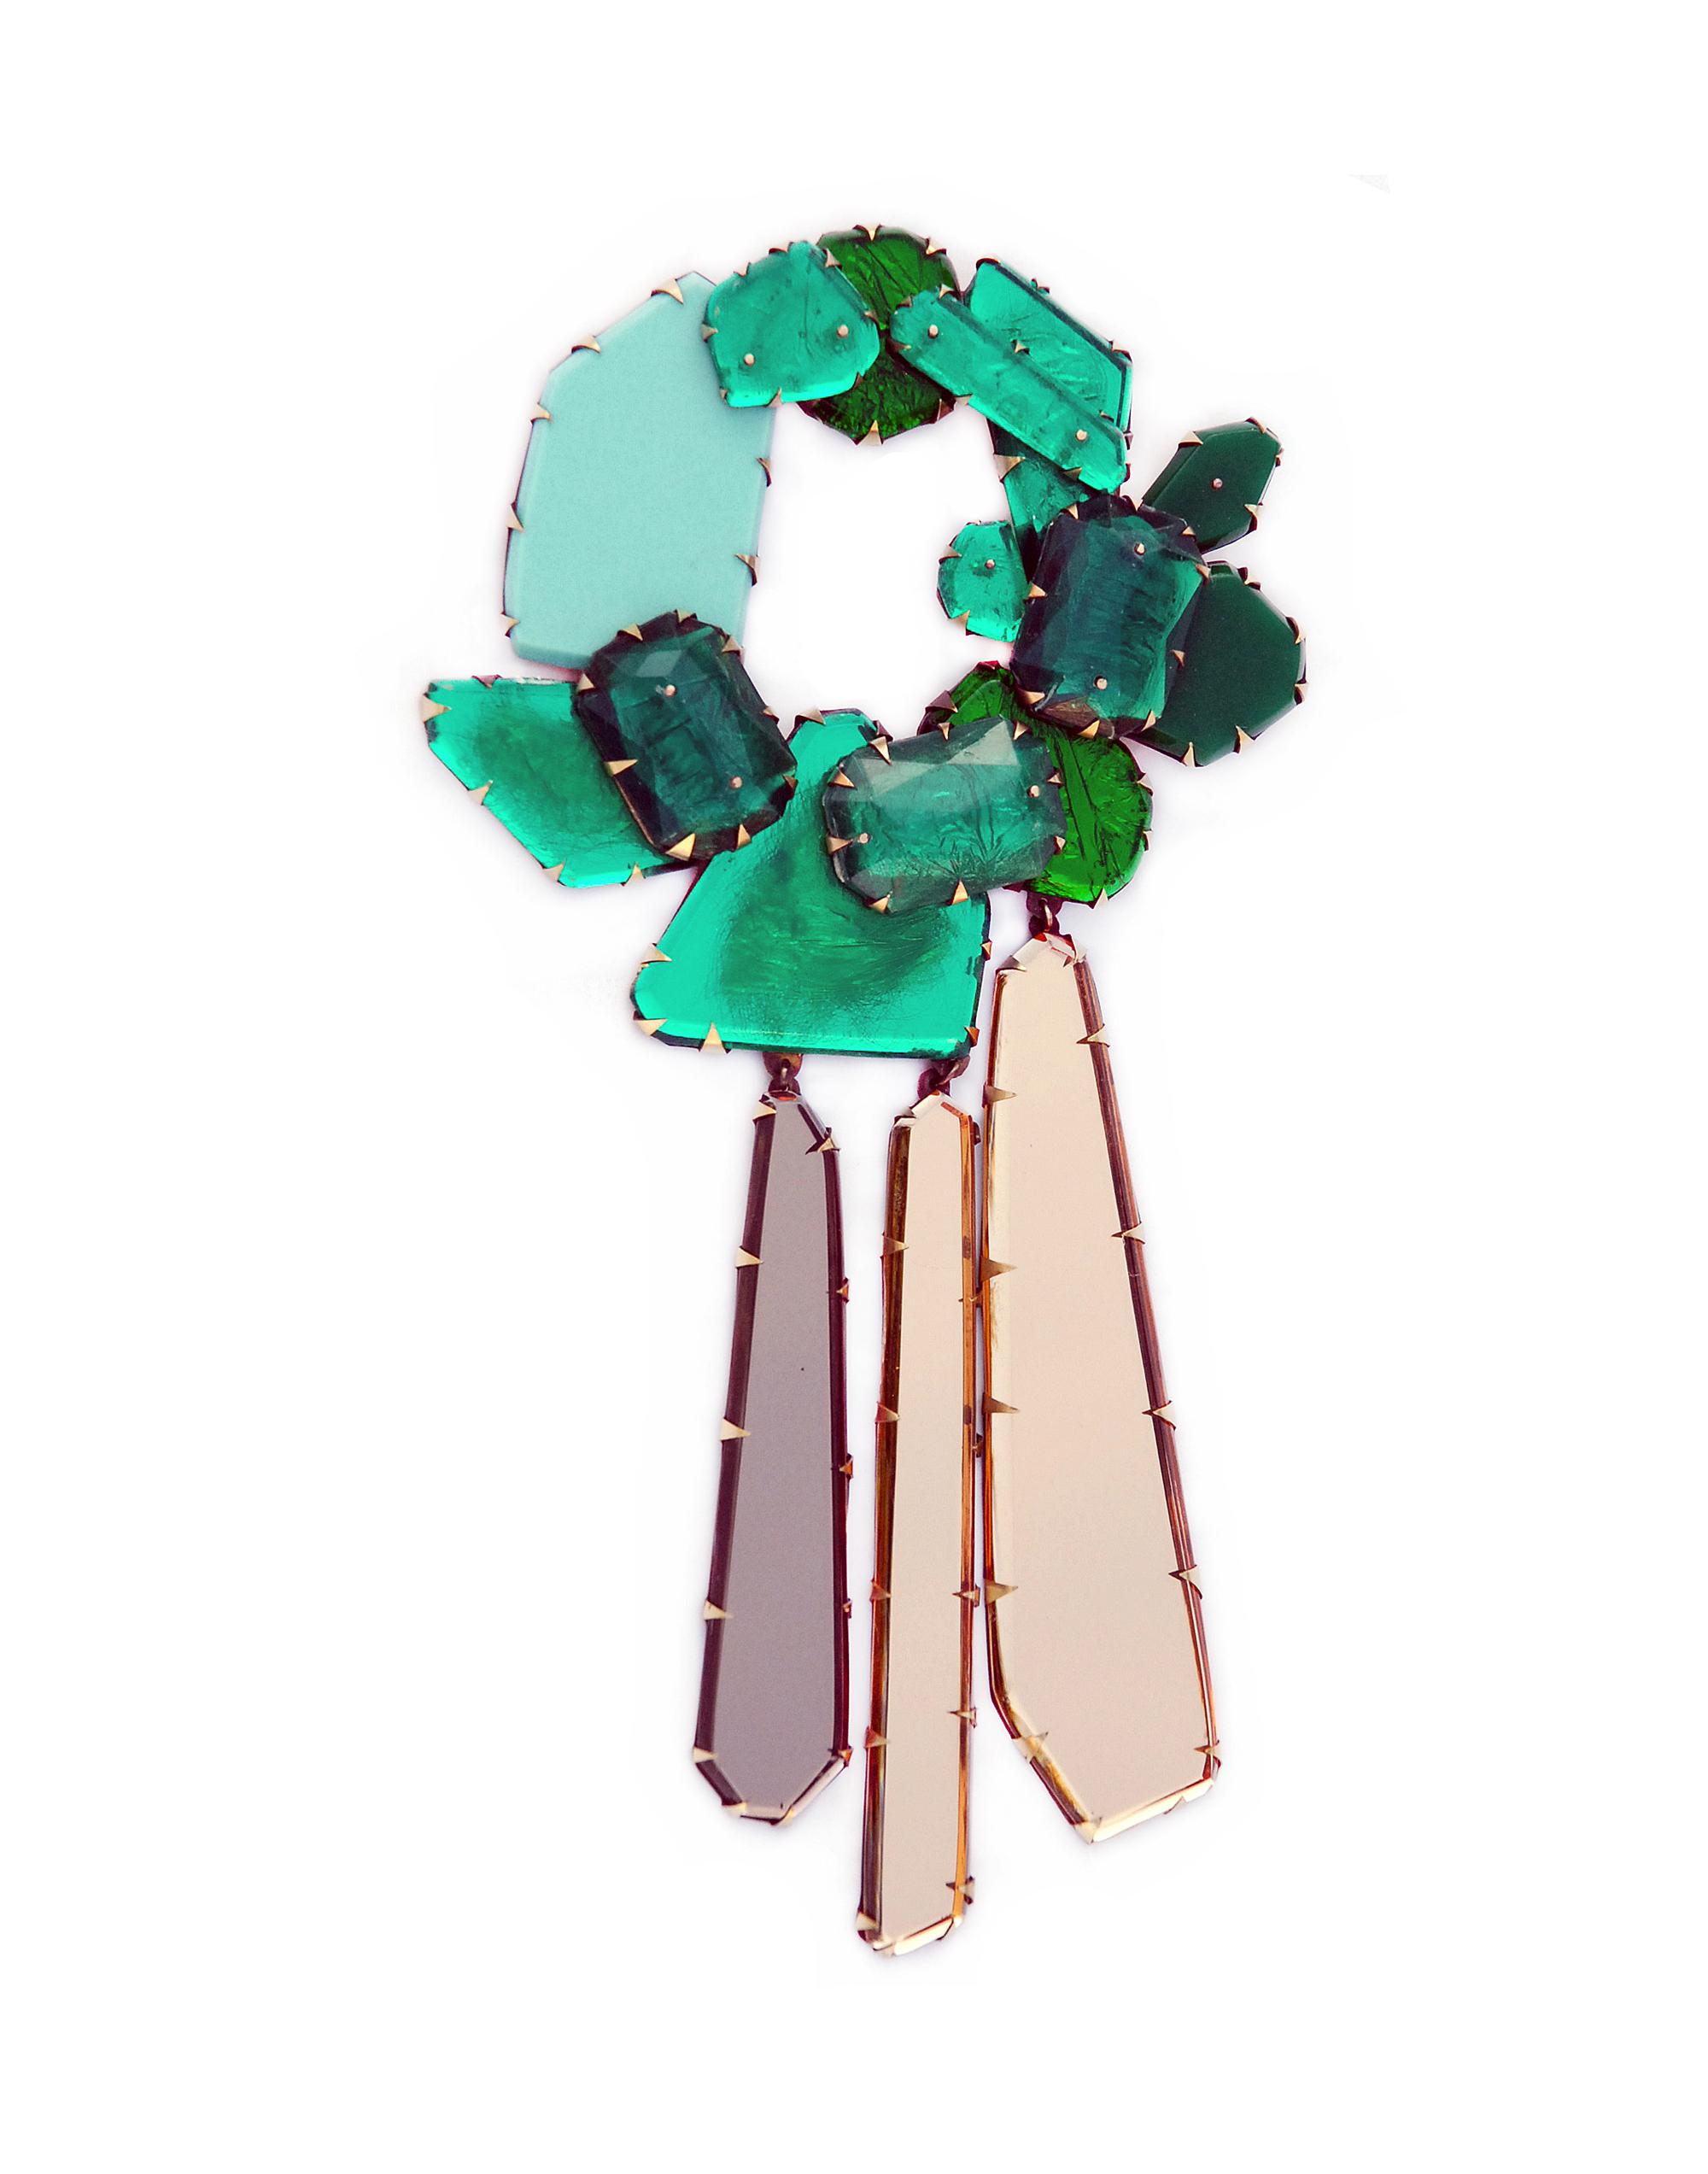 Nikki Couppee, Emerald Wreath Brooch, Plexiglass, brass, sterling silver, fine silver, steel